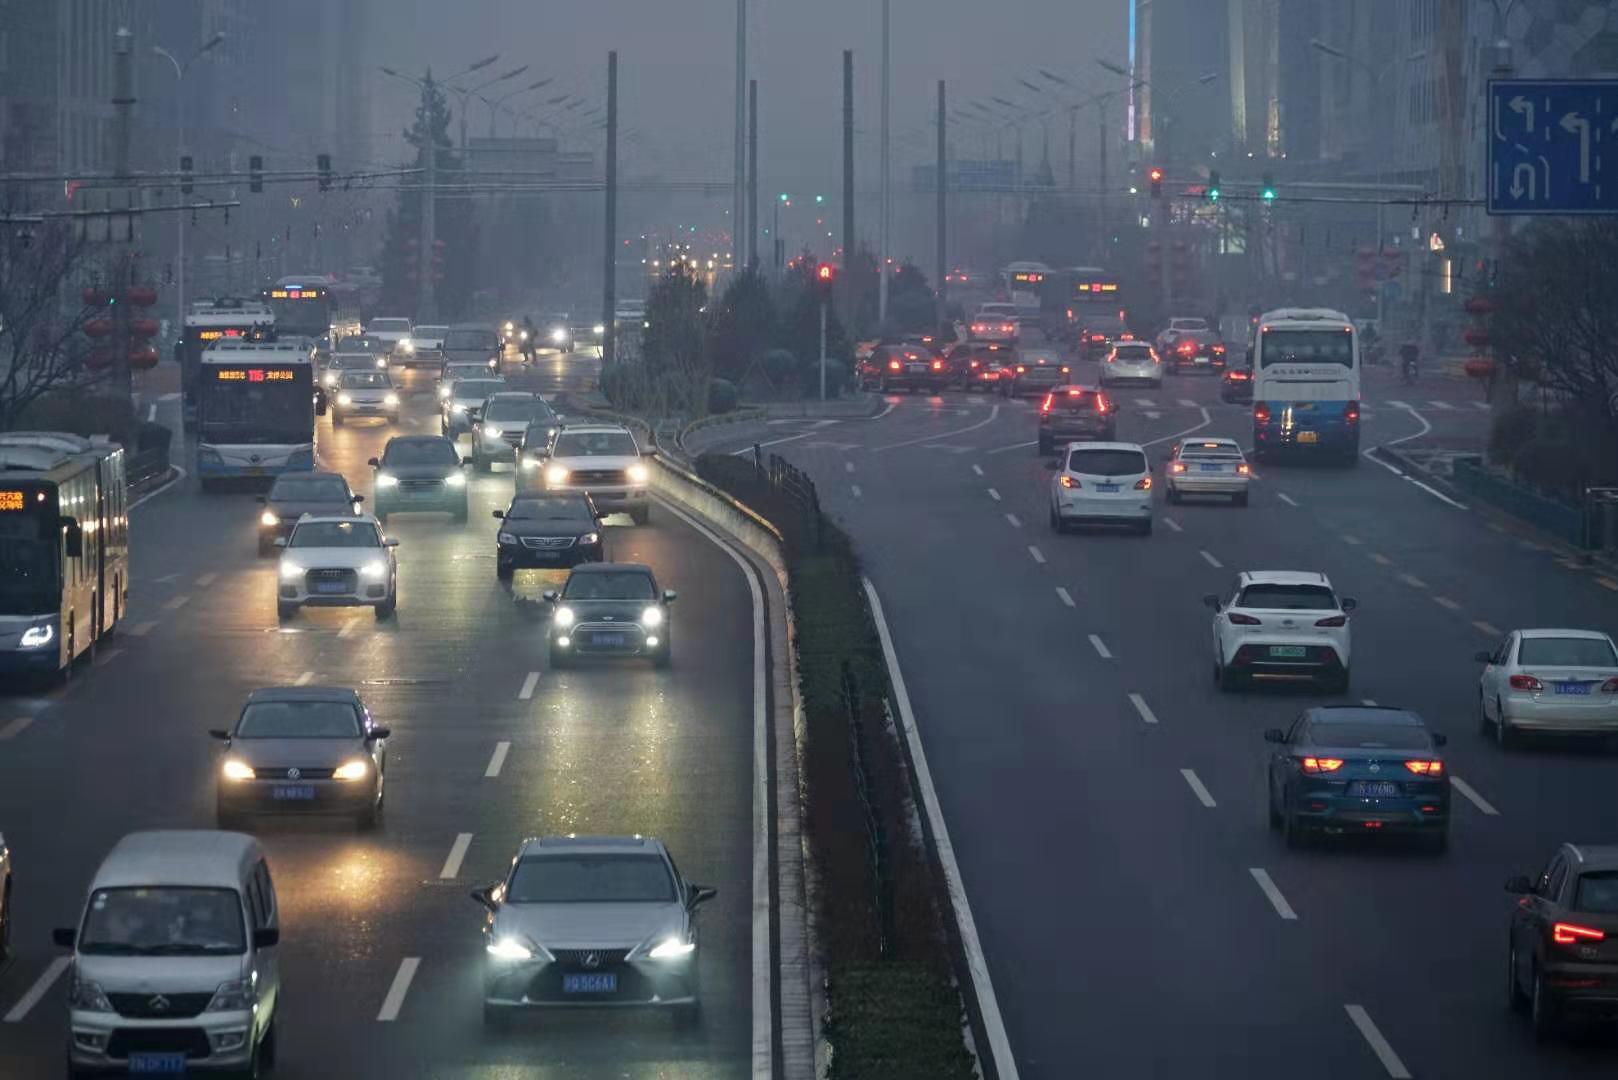 今晚北京或迎大雪 交管部门发布出行提示